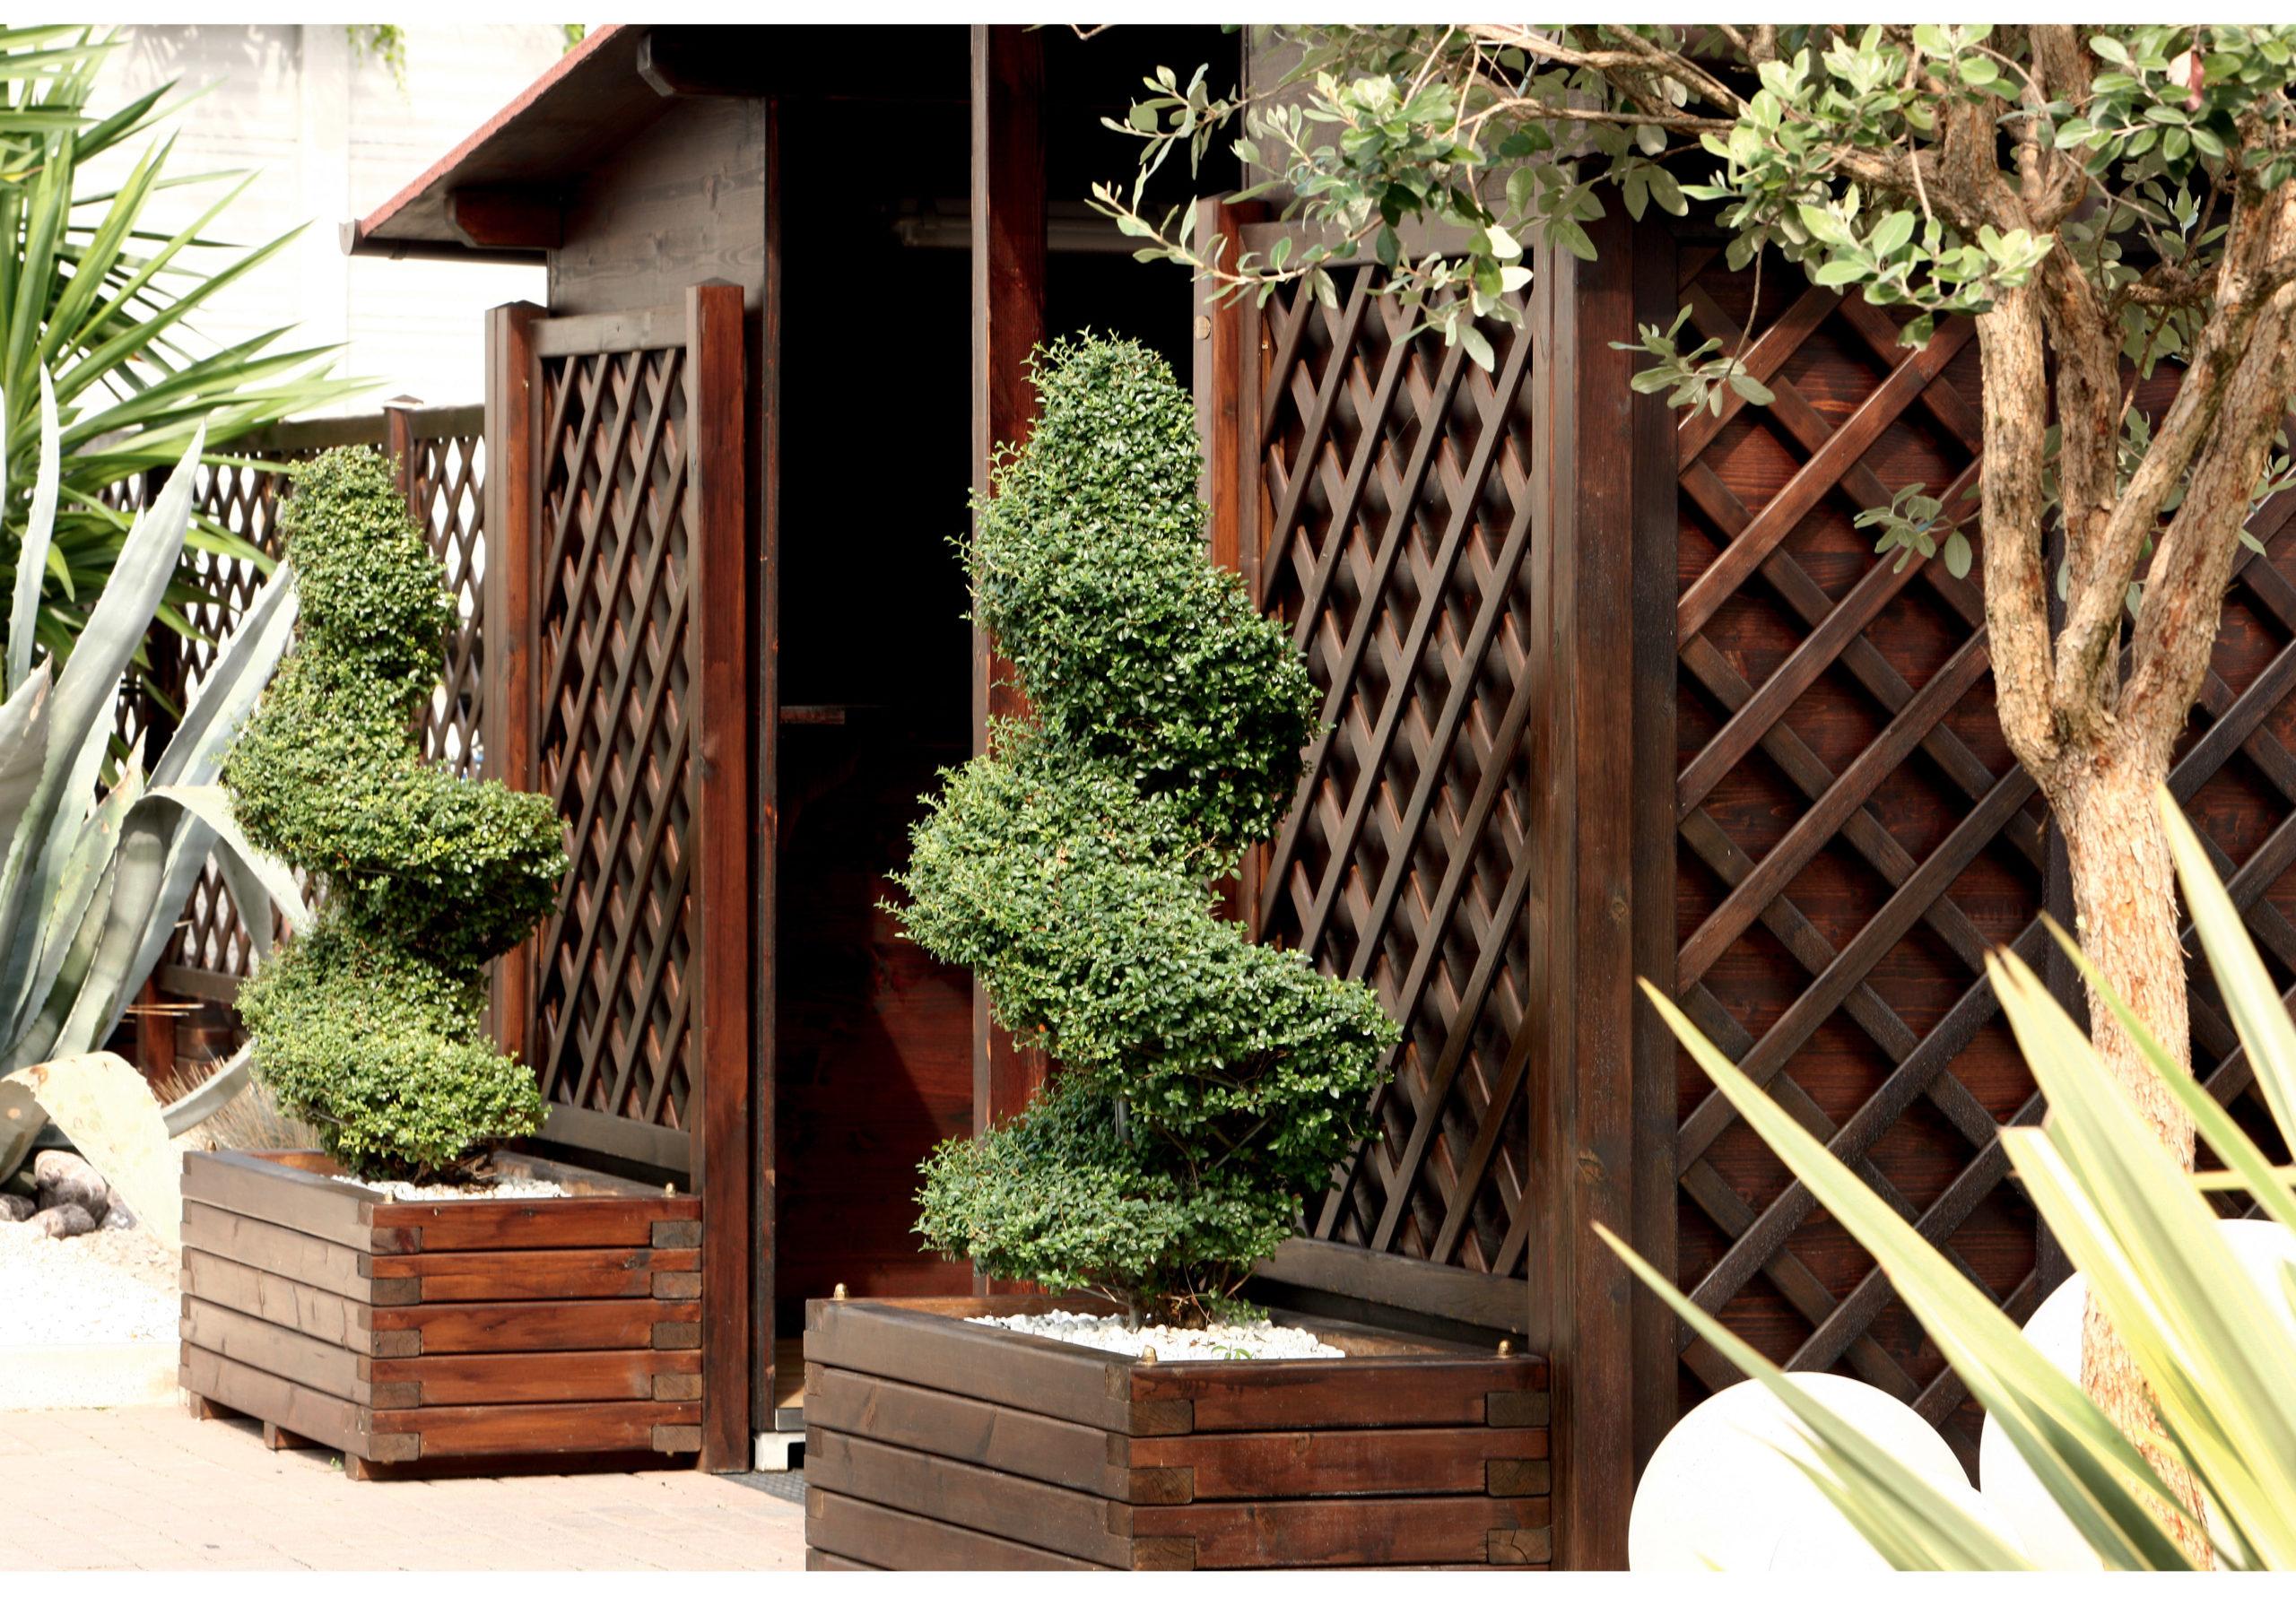 Fioriera con grigliato in legno di pino o larice realizzato da Linea Montanalegno - ILT